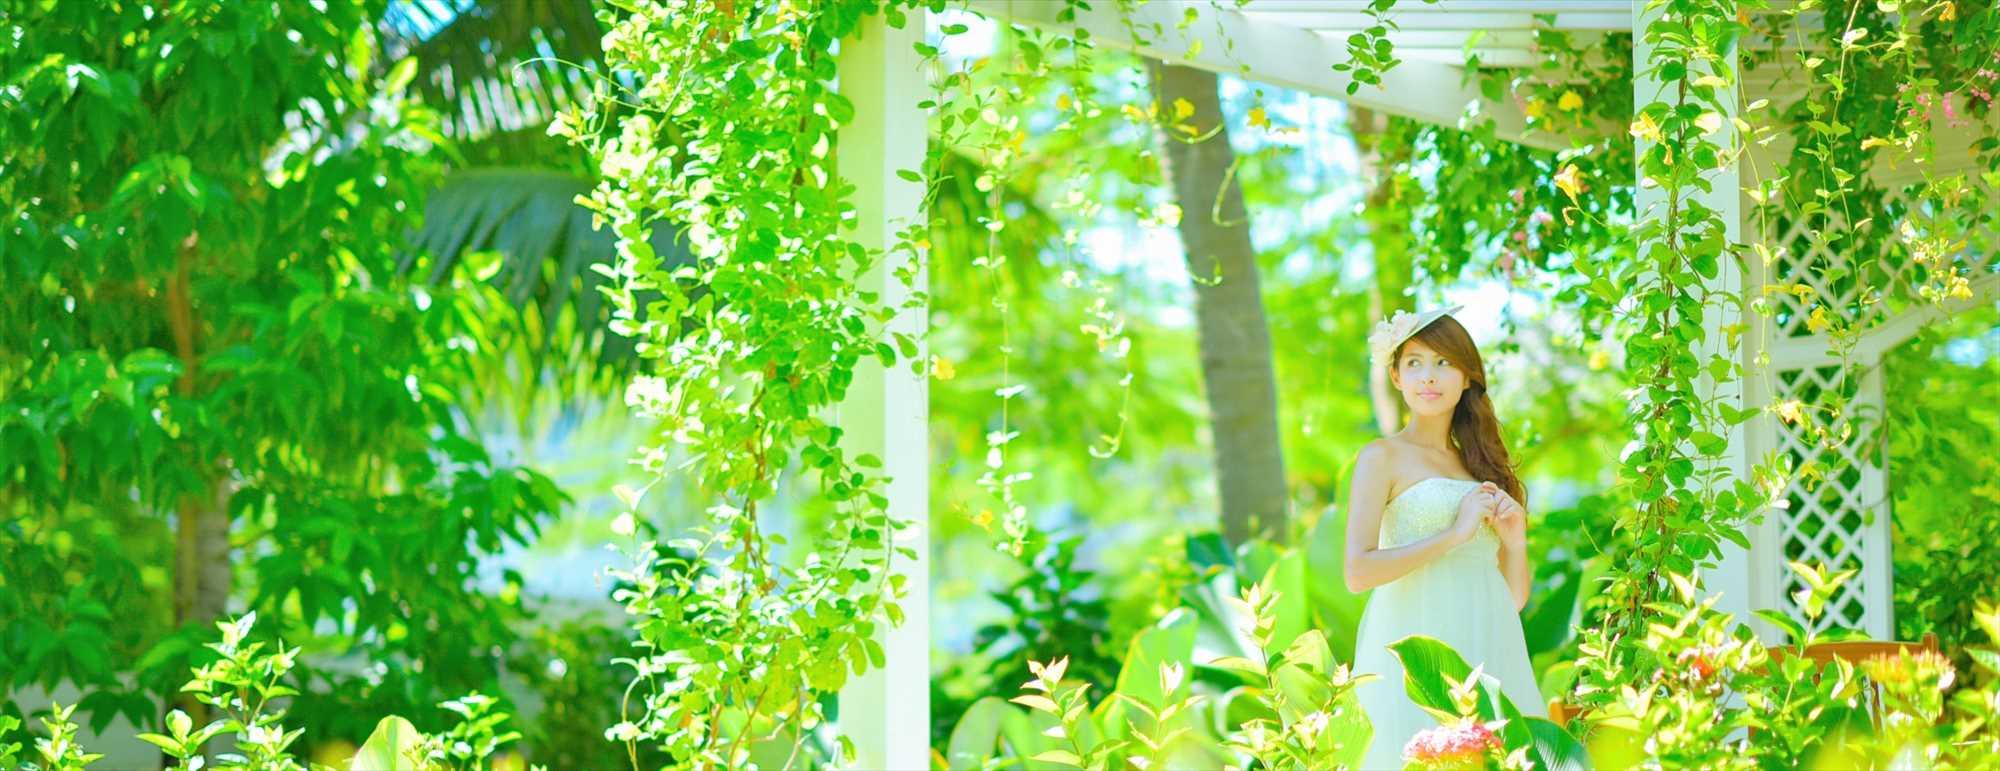 ベトナム・ダナン・ガーデンウェディング<br /> Premier Village Danang Resort Garden Wedding<br /> プレミア・ビレッジ・ダナン・リゾート挙式